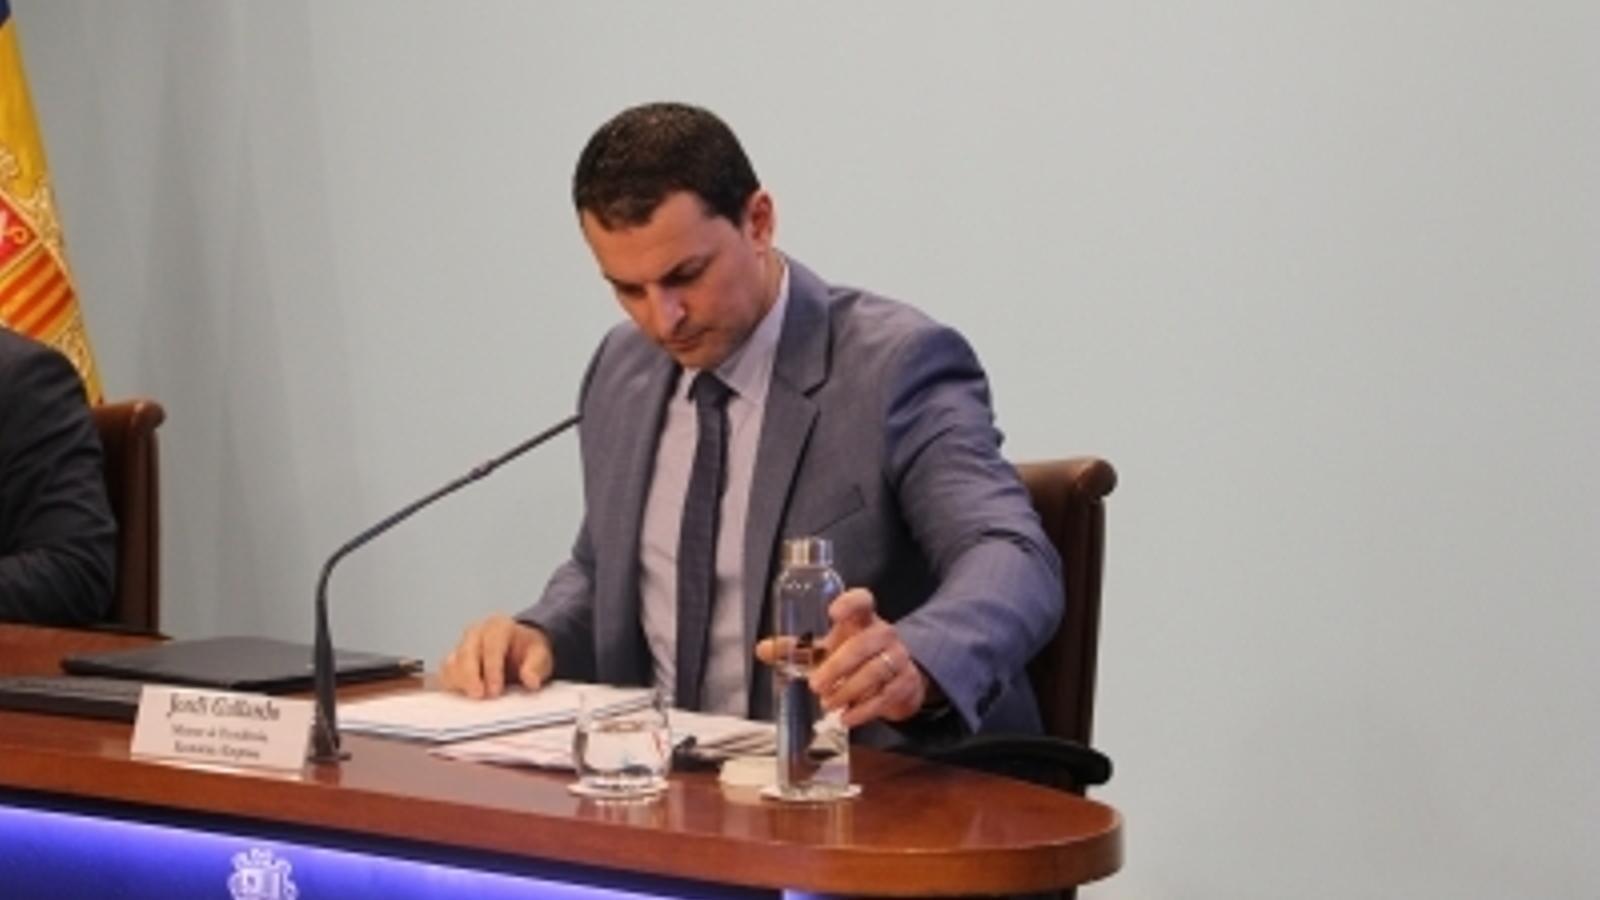 """Gallardo defensa la contractació de l'empresa de Garcia pel """"retorn positiu"""" de la feina ja feta"""